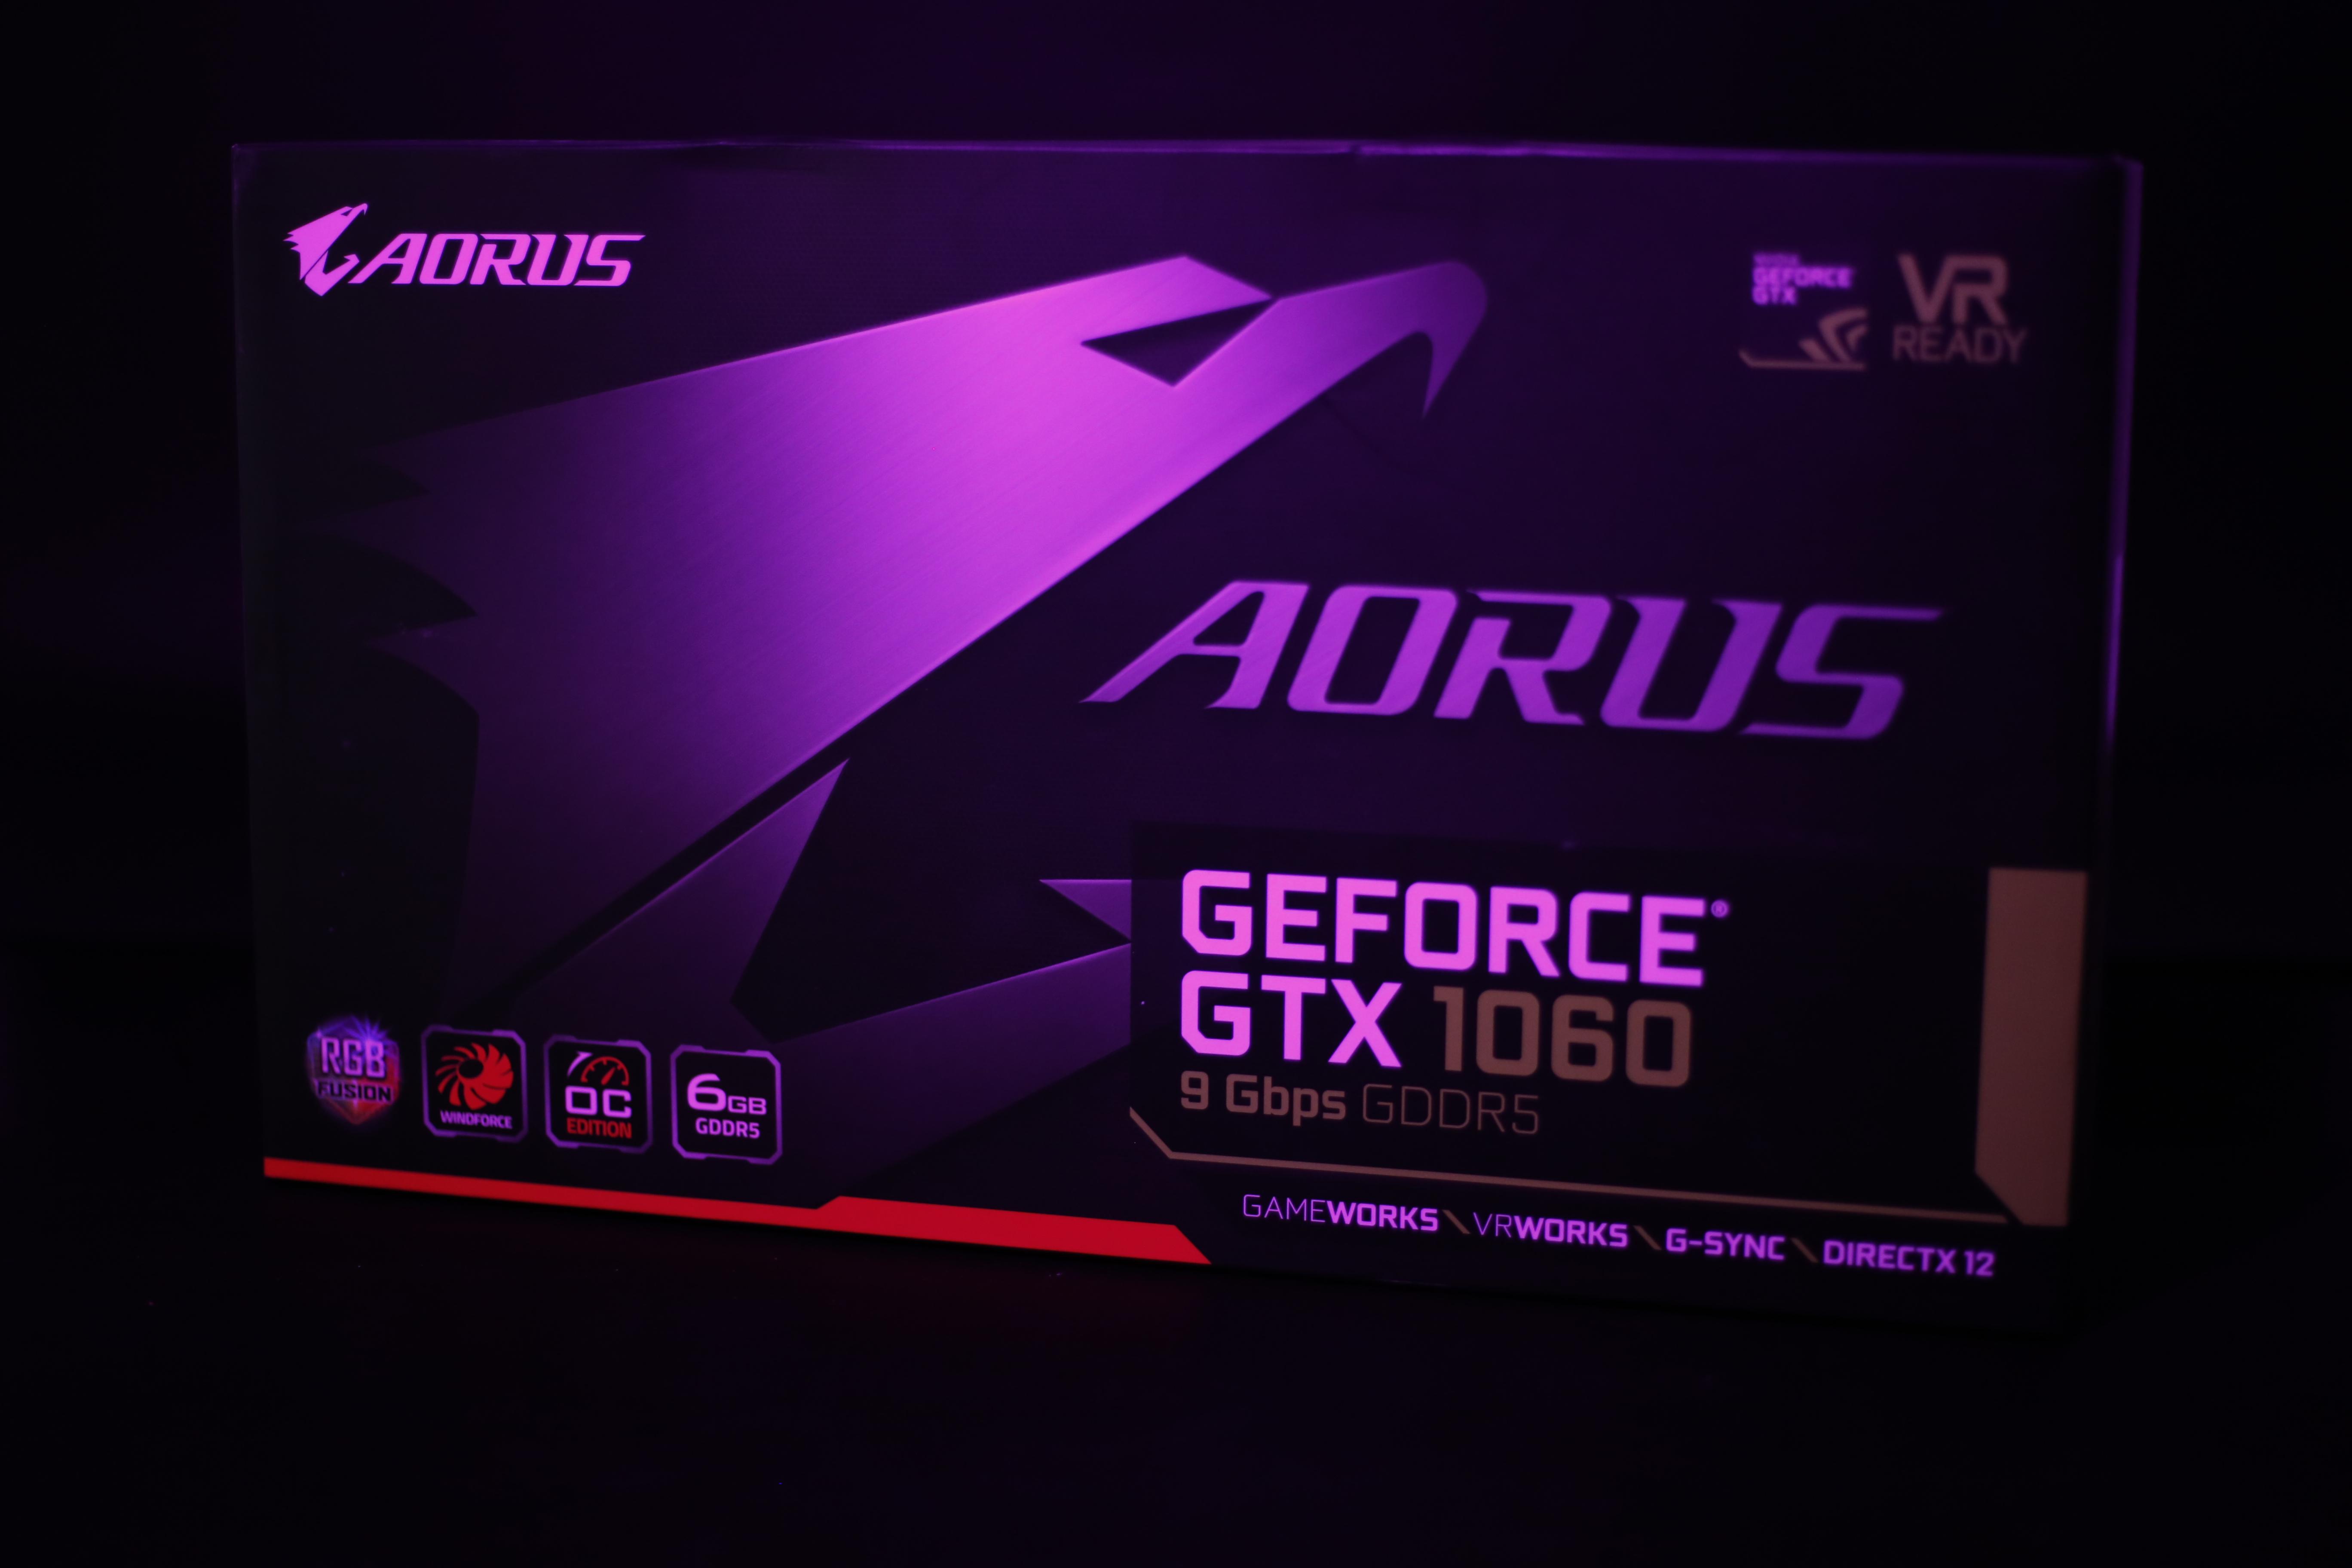 AORUS GTX 1060 6G 9Gbps